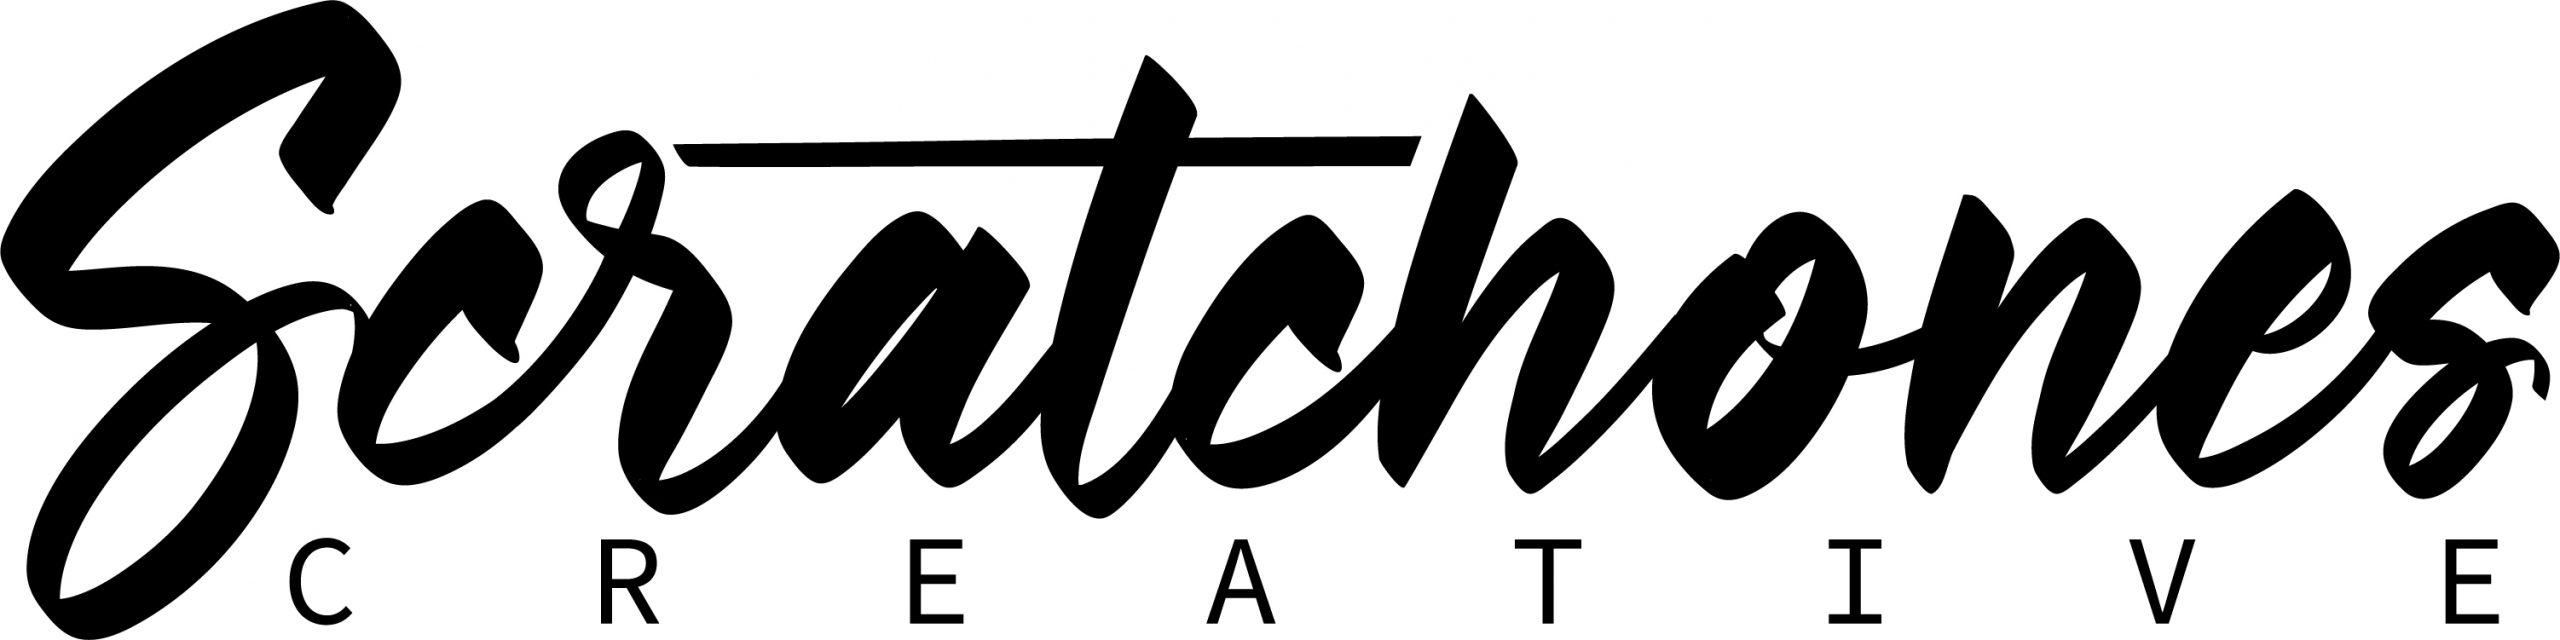 scratchones.com